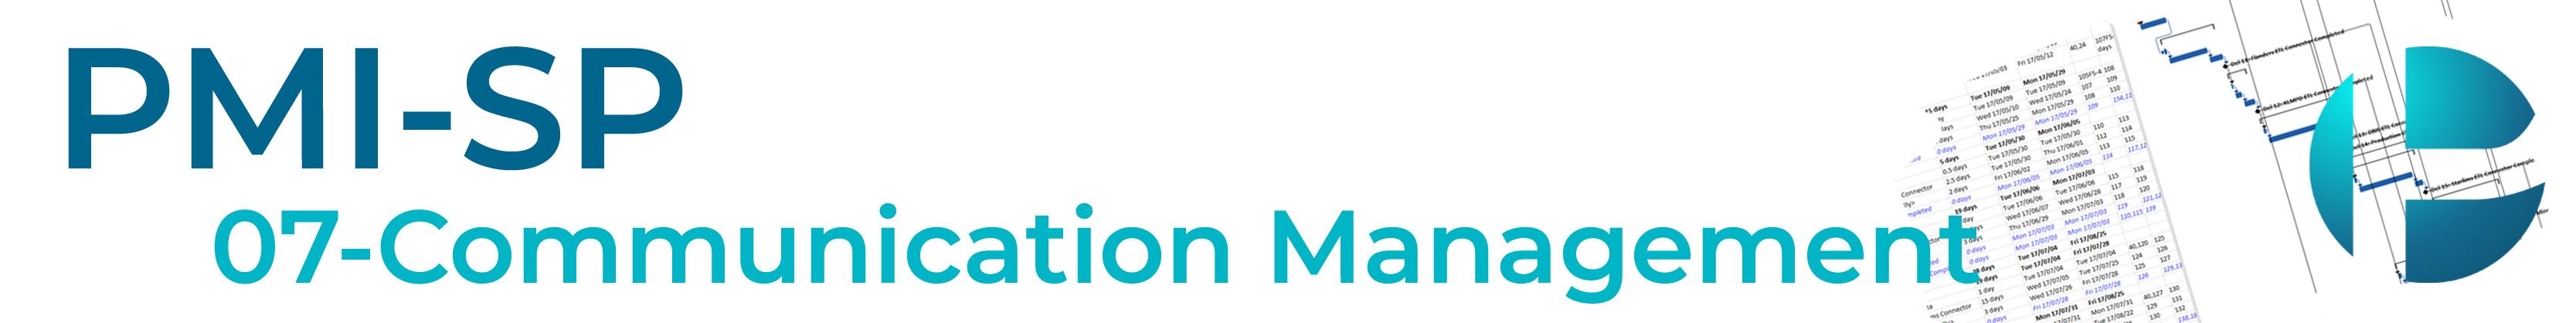 PMI-SP Module 7 (Communication Management) Banner